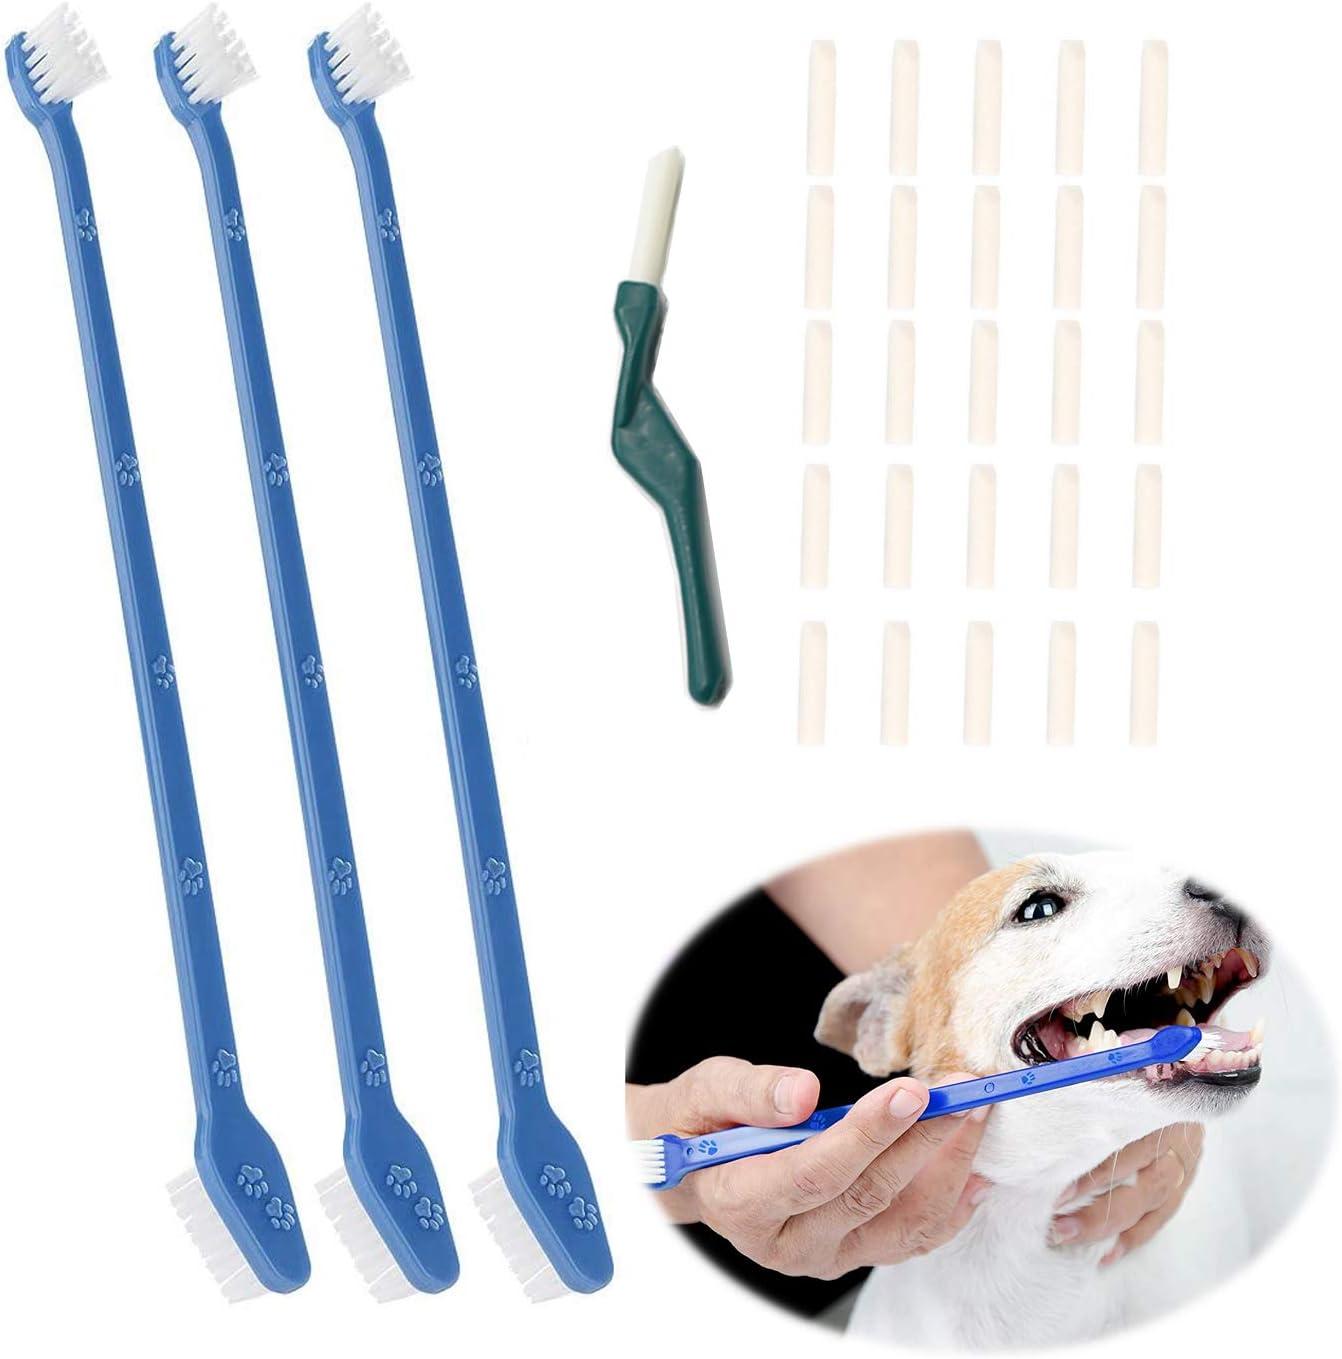 Cepillo de dientes para perros,cepillos de dientes para perros, mascotas,cepillo de dientes de doble cabezal,herramienta de limpieza de dientes para perros Y gatos,elimina la placa y el sarro